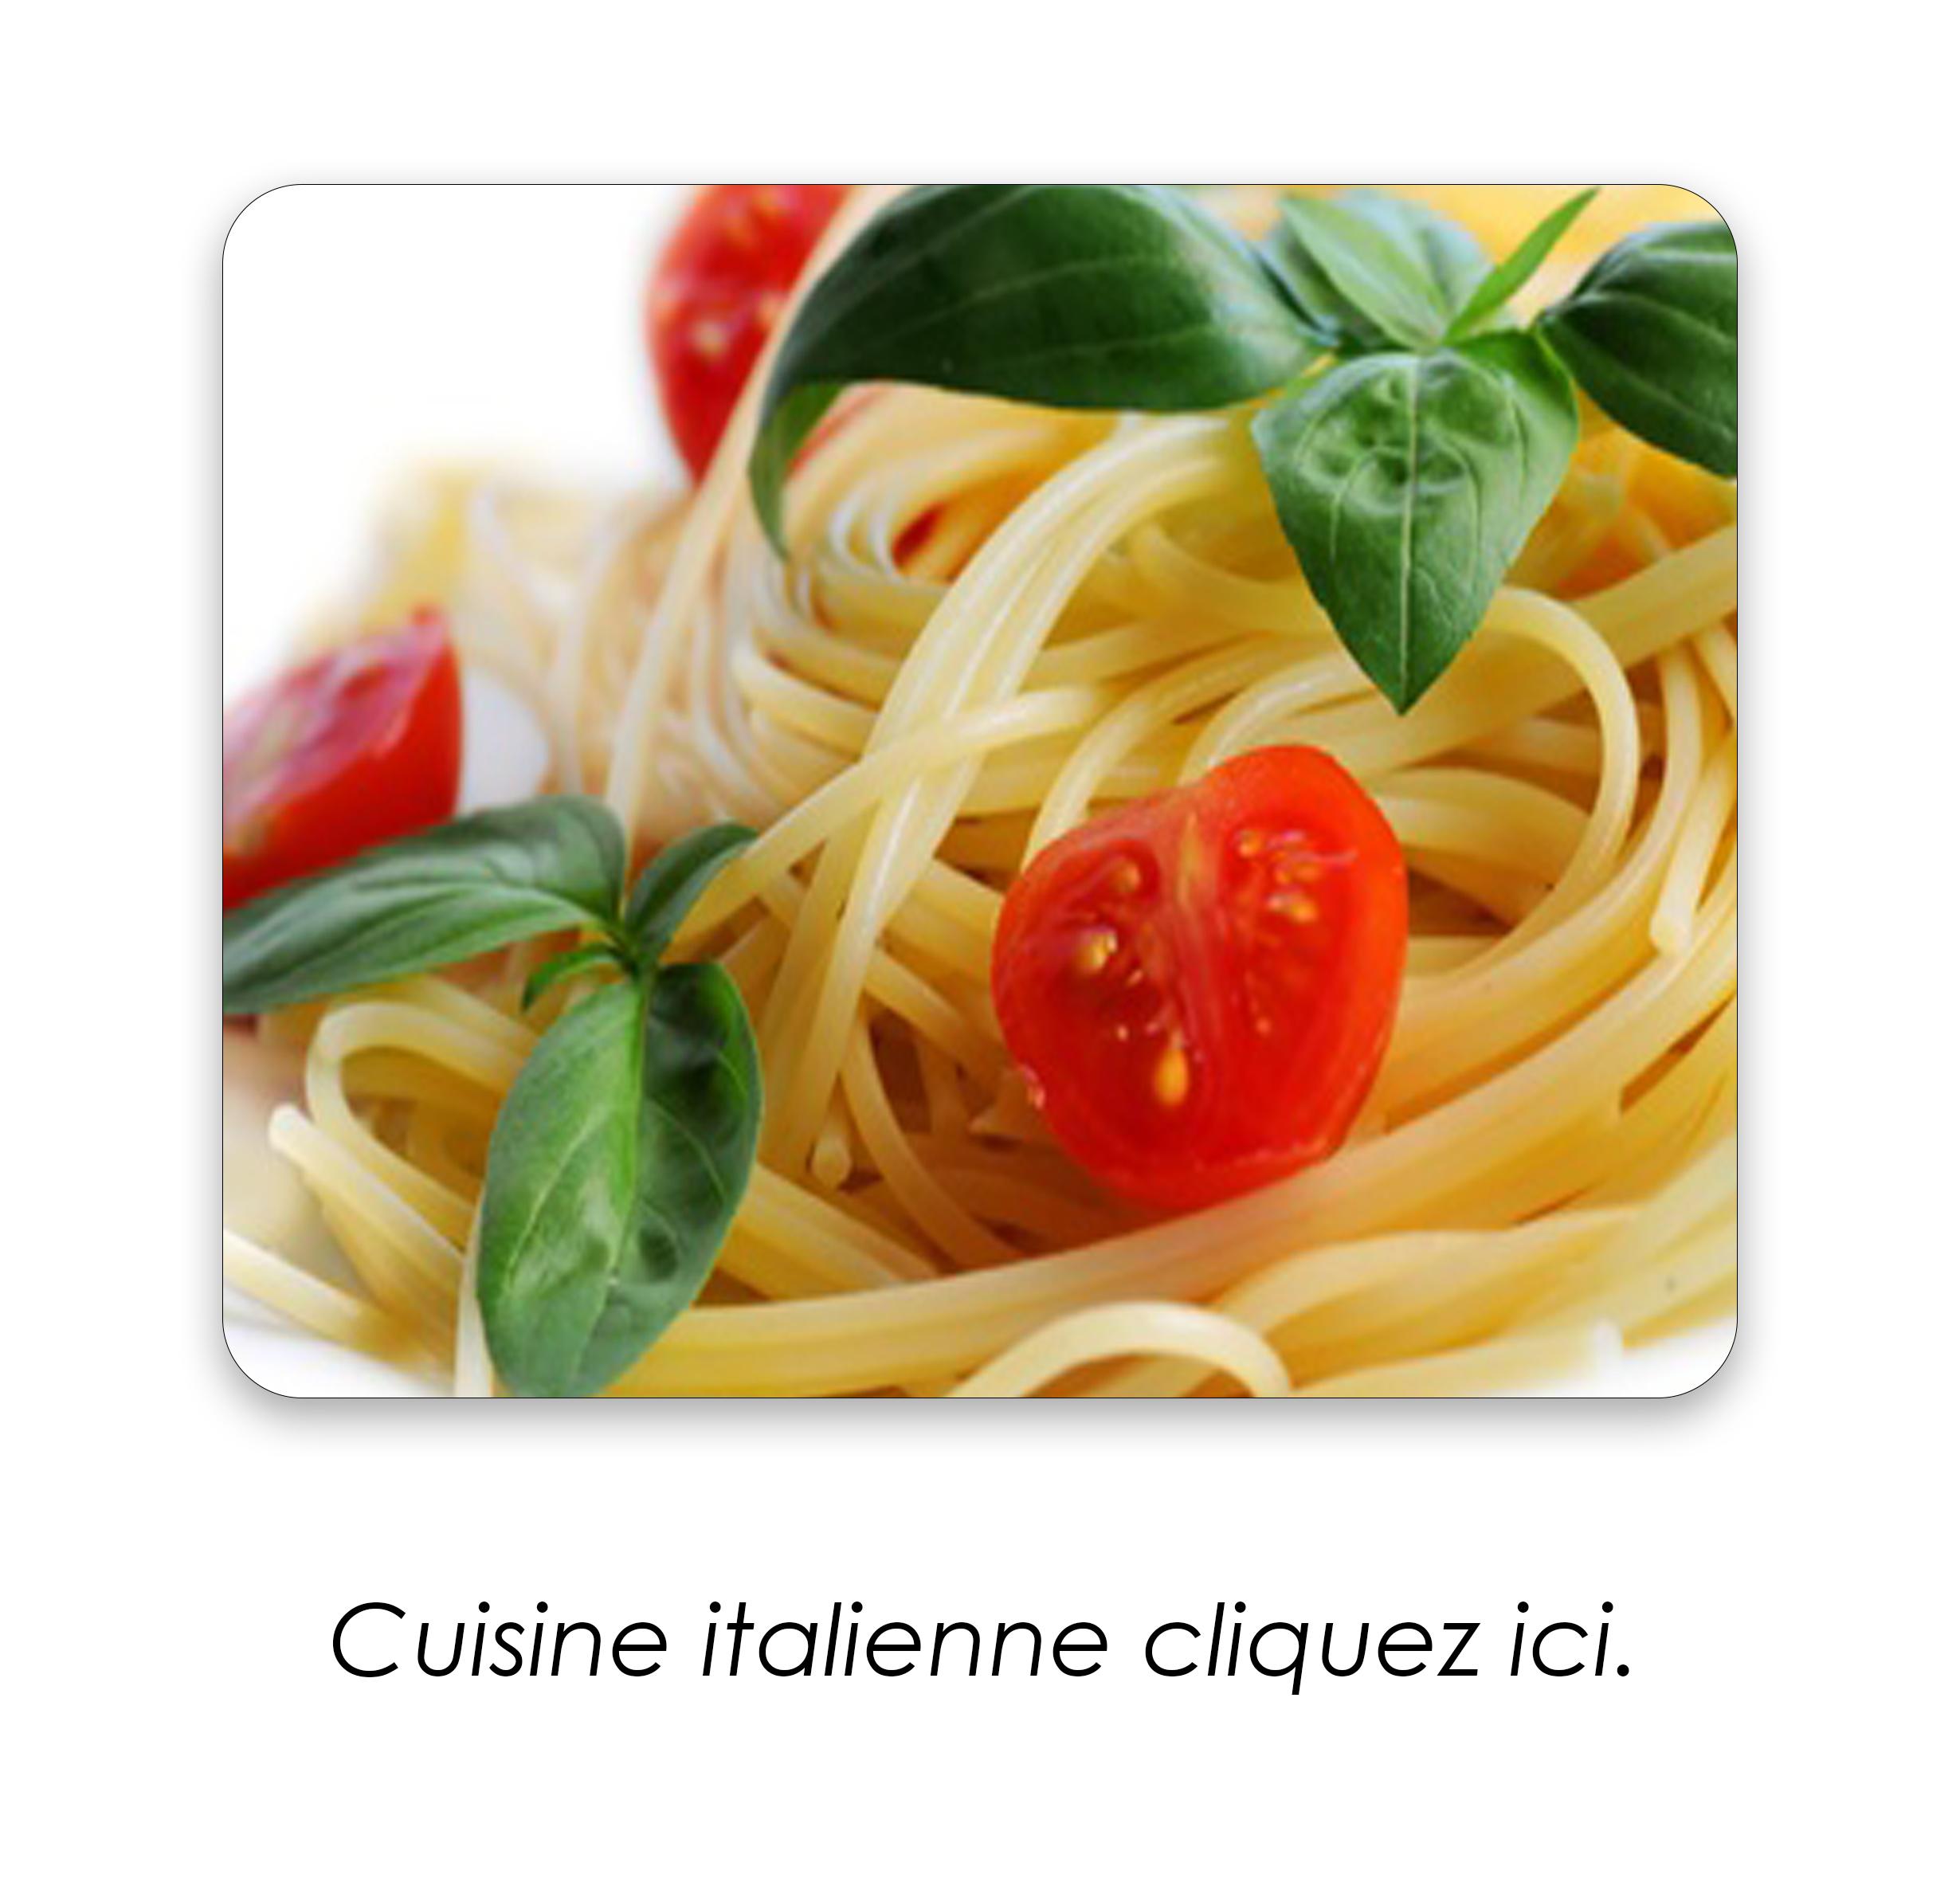 cuisinne italiennee